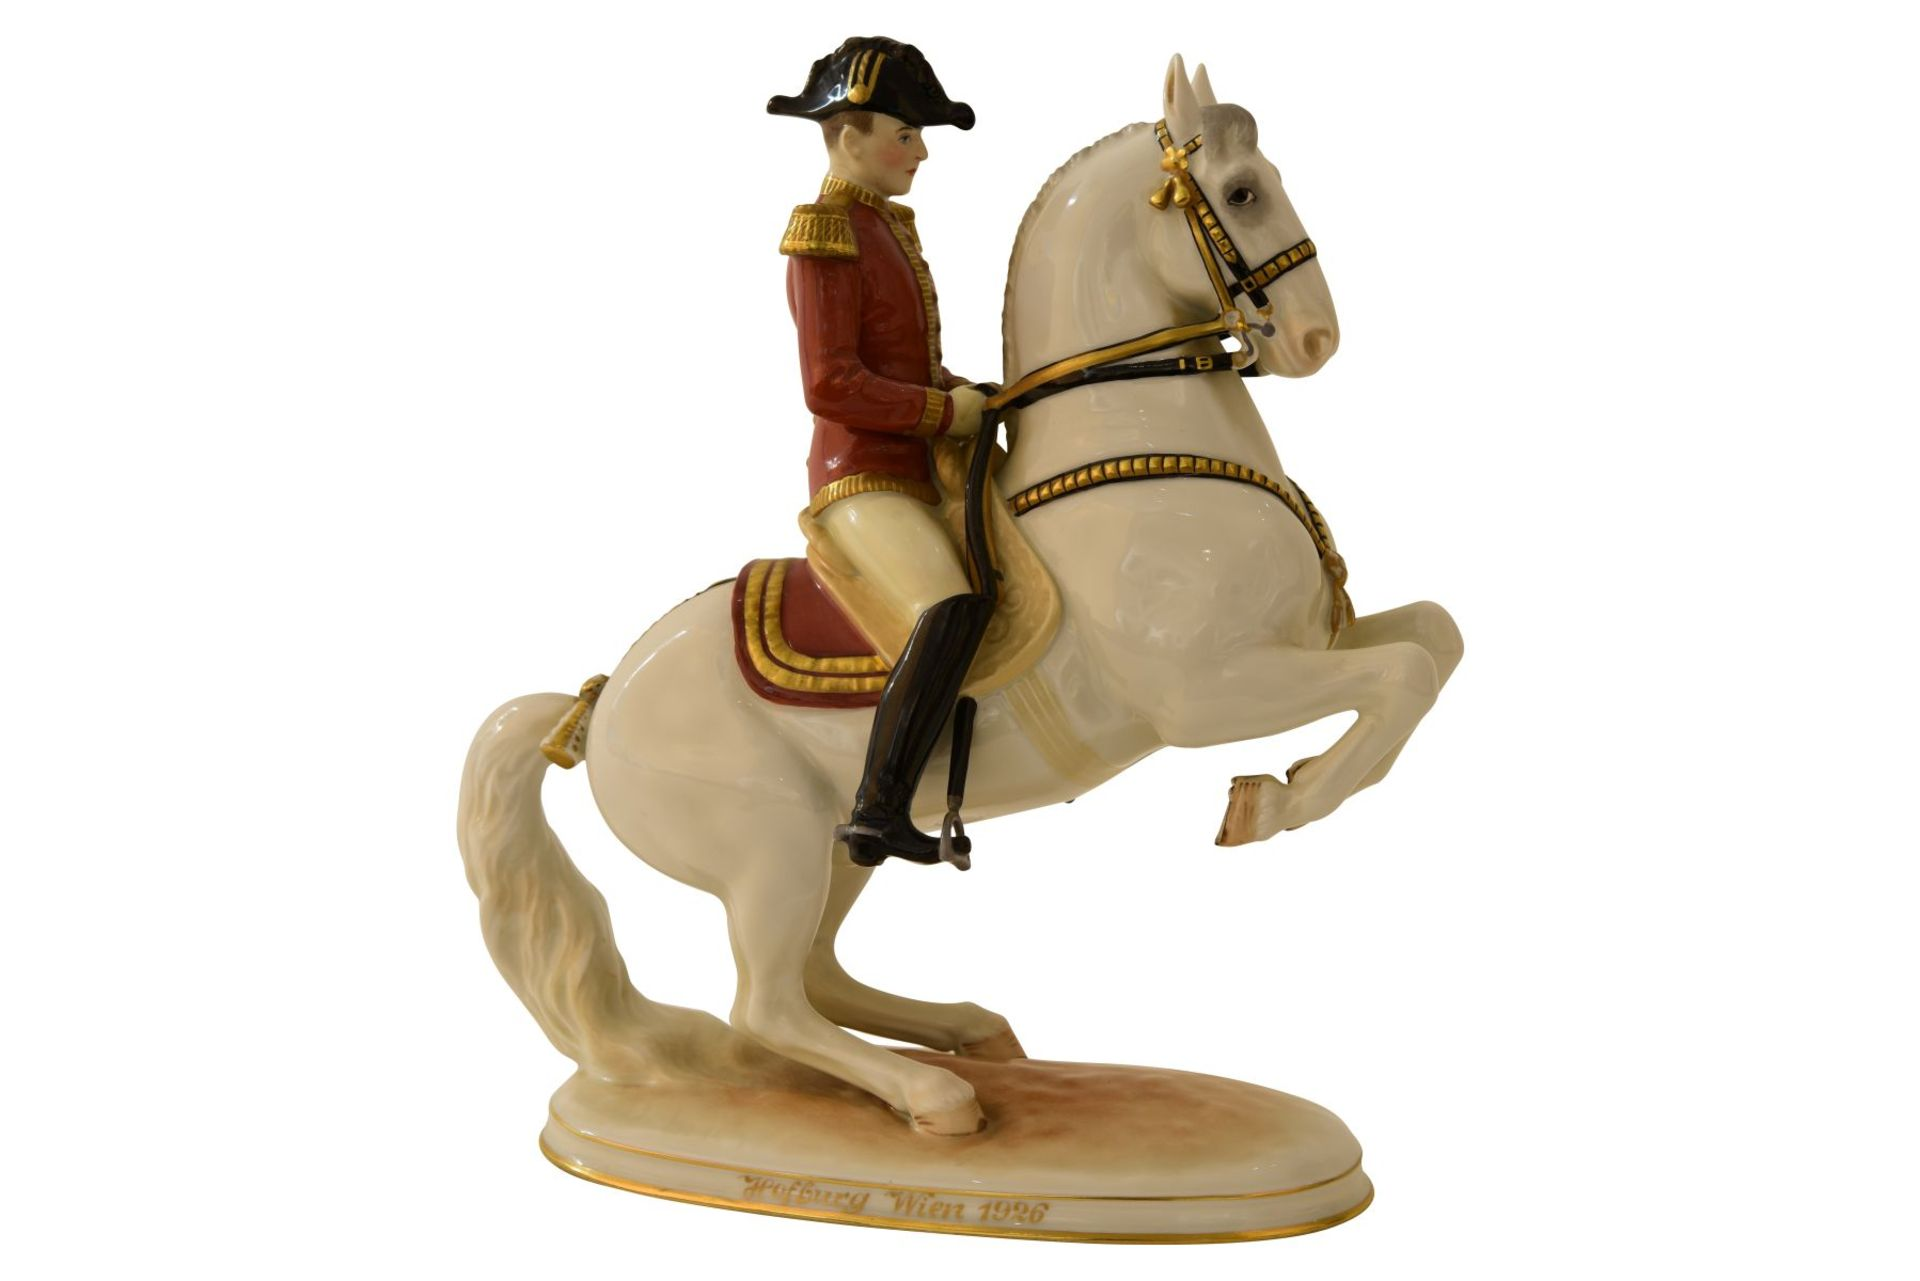 Pferd mit Reiter Augarten - Bild 3 aus 5